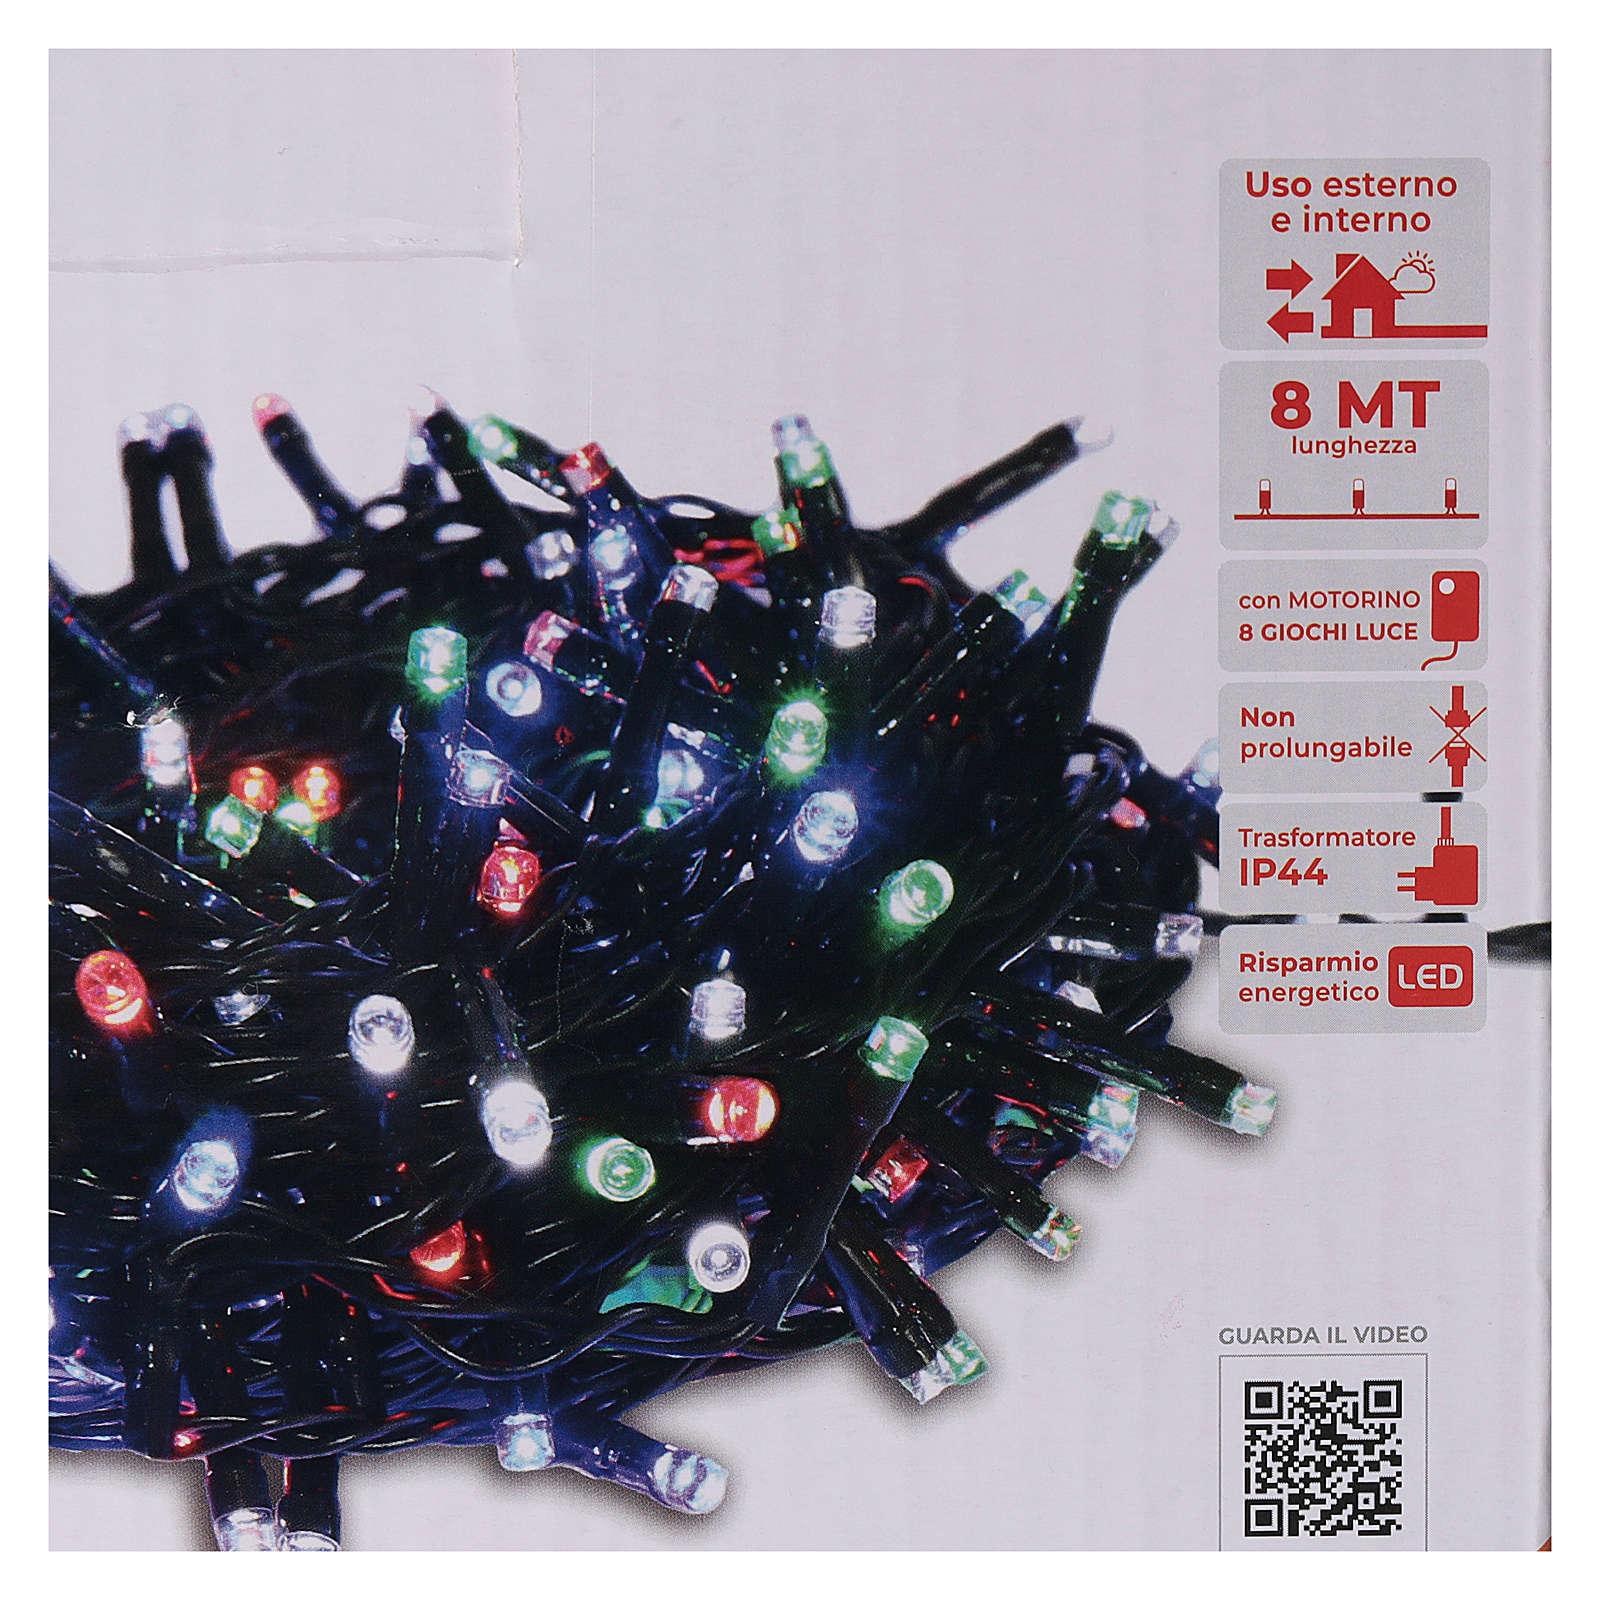 Catena 200 led multicolor telecomando remoto esterno 220V 3